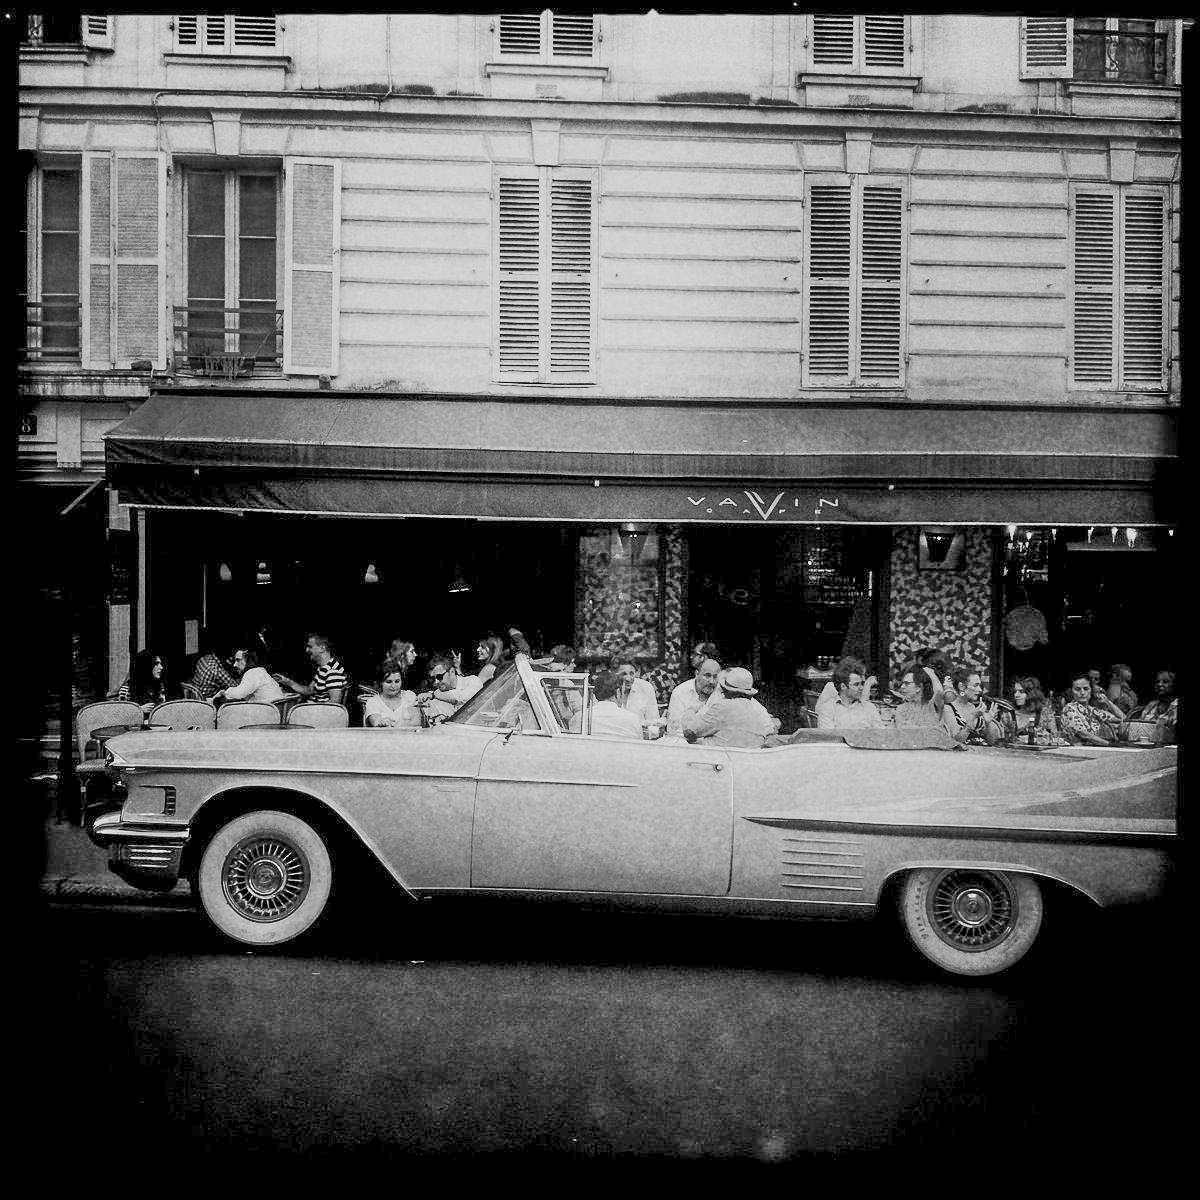 Ein Amischlitten vor einem Café am Montparnasse in Paris